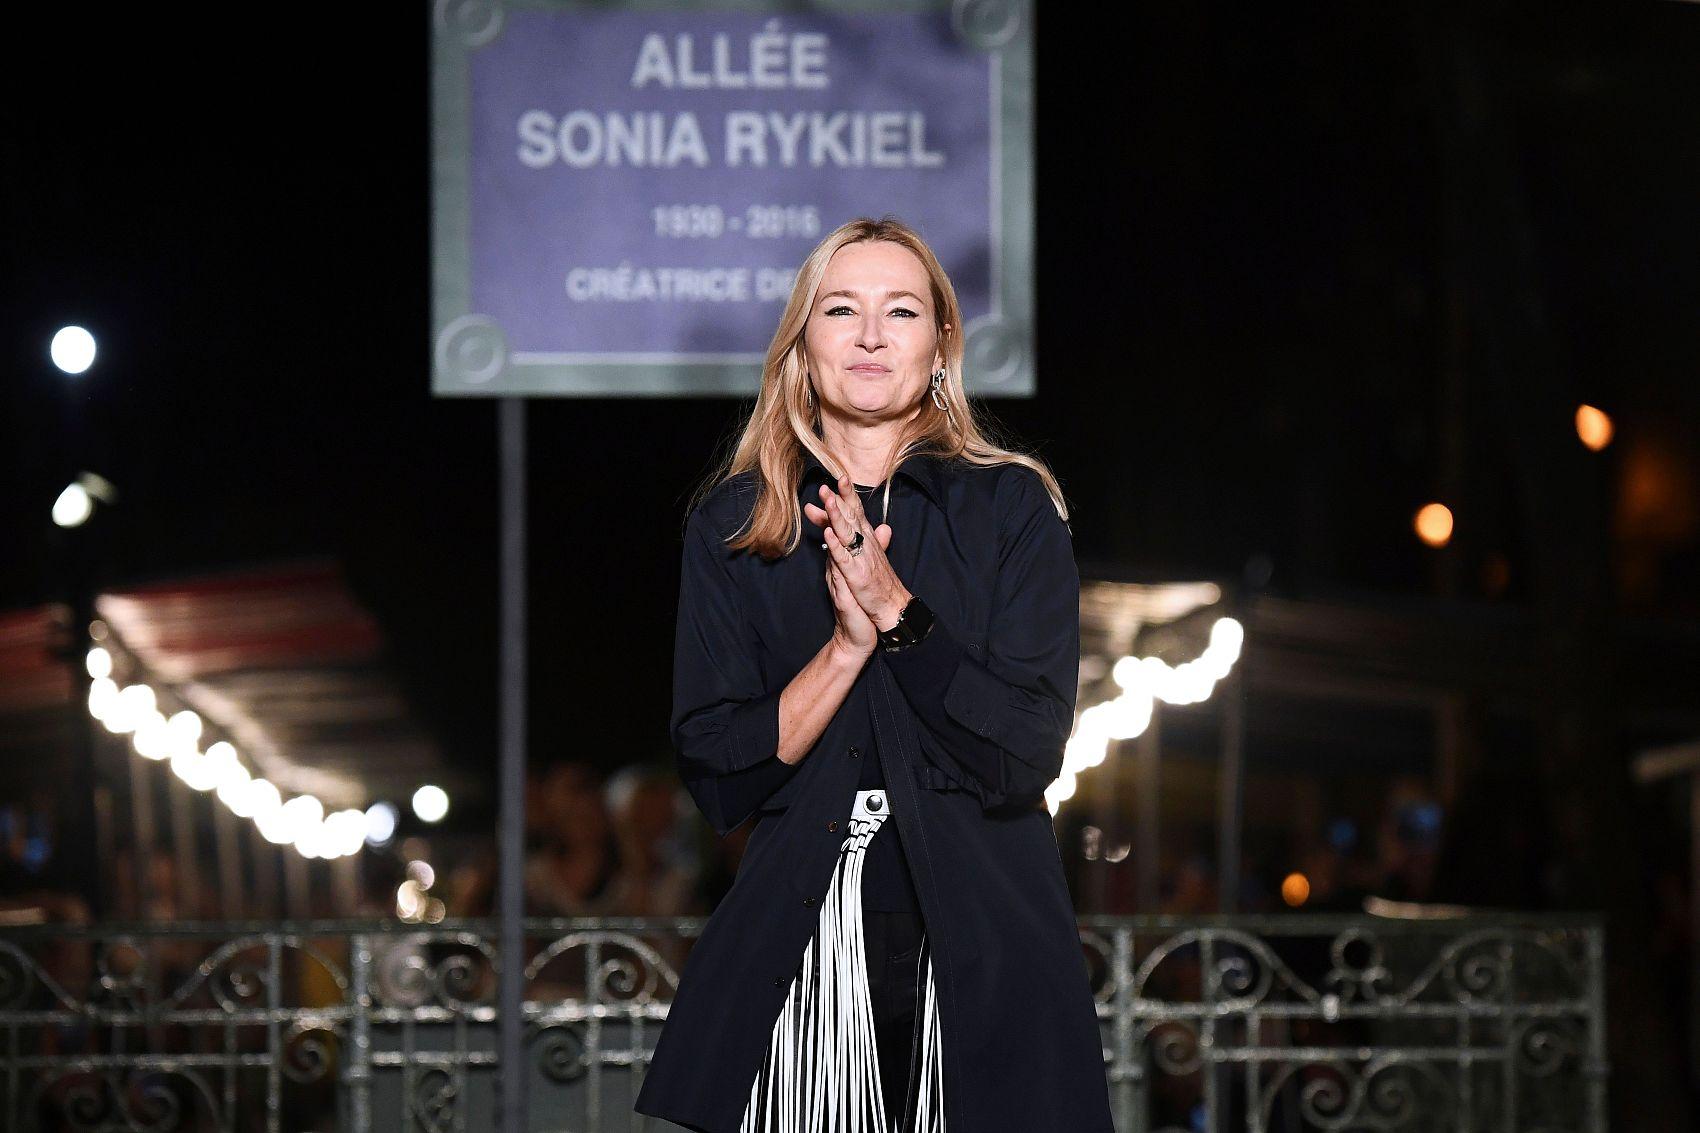 法国著名针织时尚品牌 Sonia Rykiel 业绩持续下滑,或寻求新投资者摆脱困境